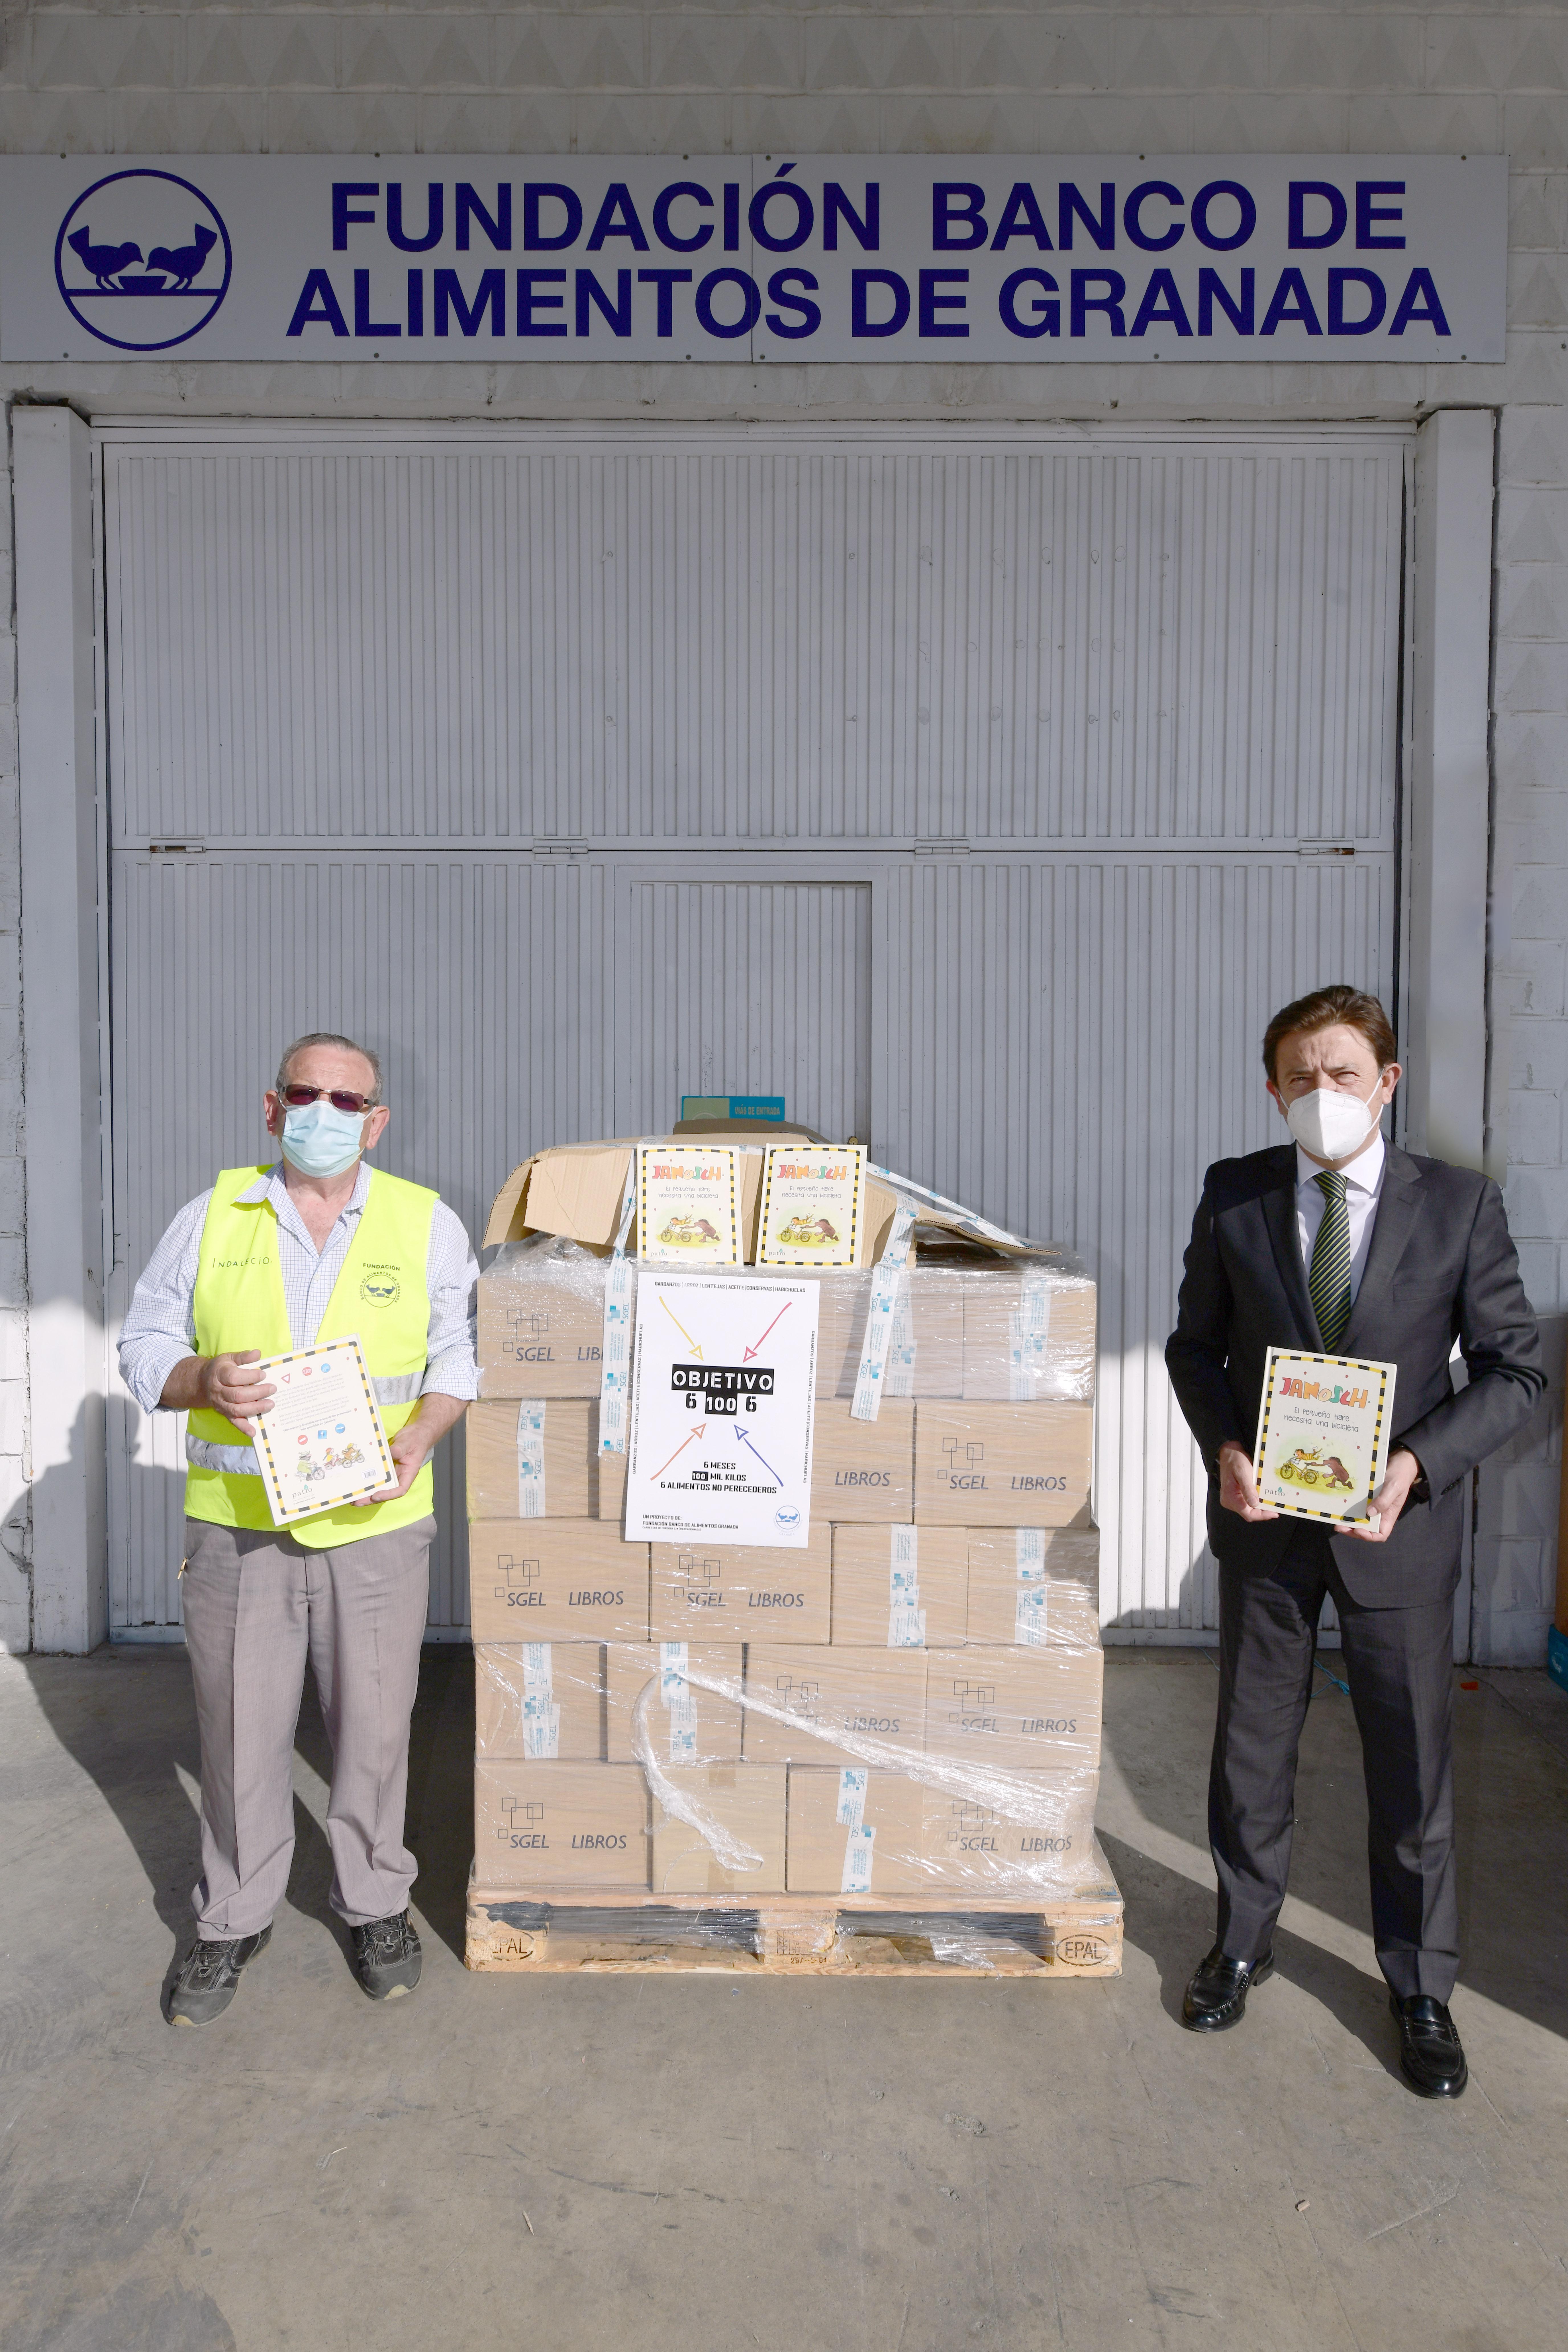 Bankia entrega 1.100 libros al Banco de Alimentos de Granada para familias con hijos en edad escolar